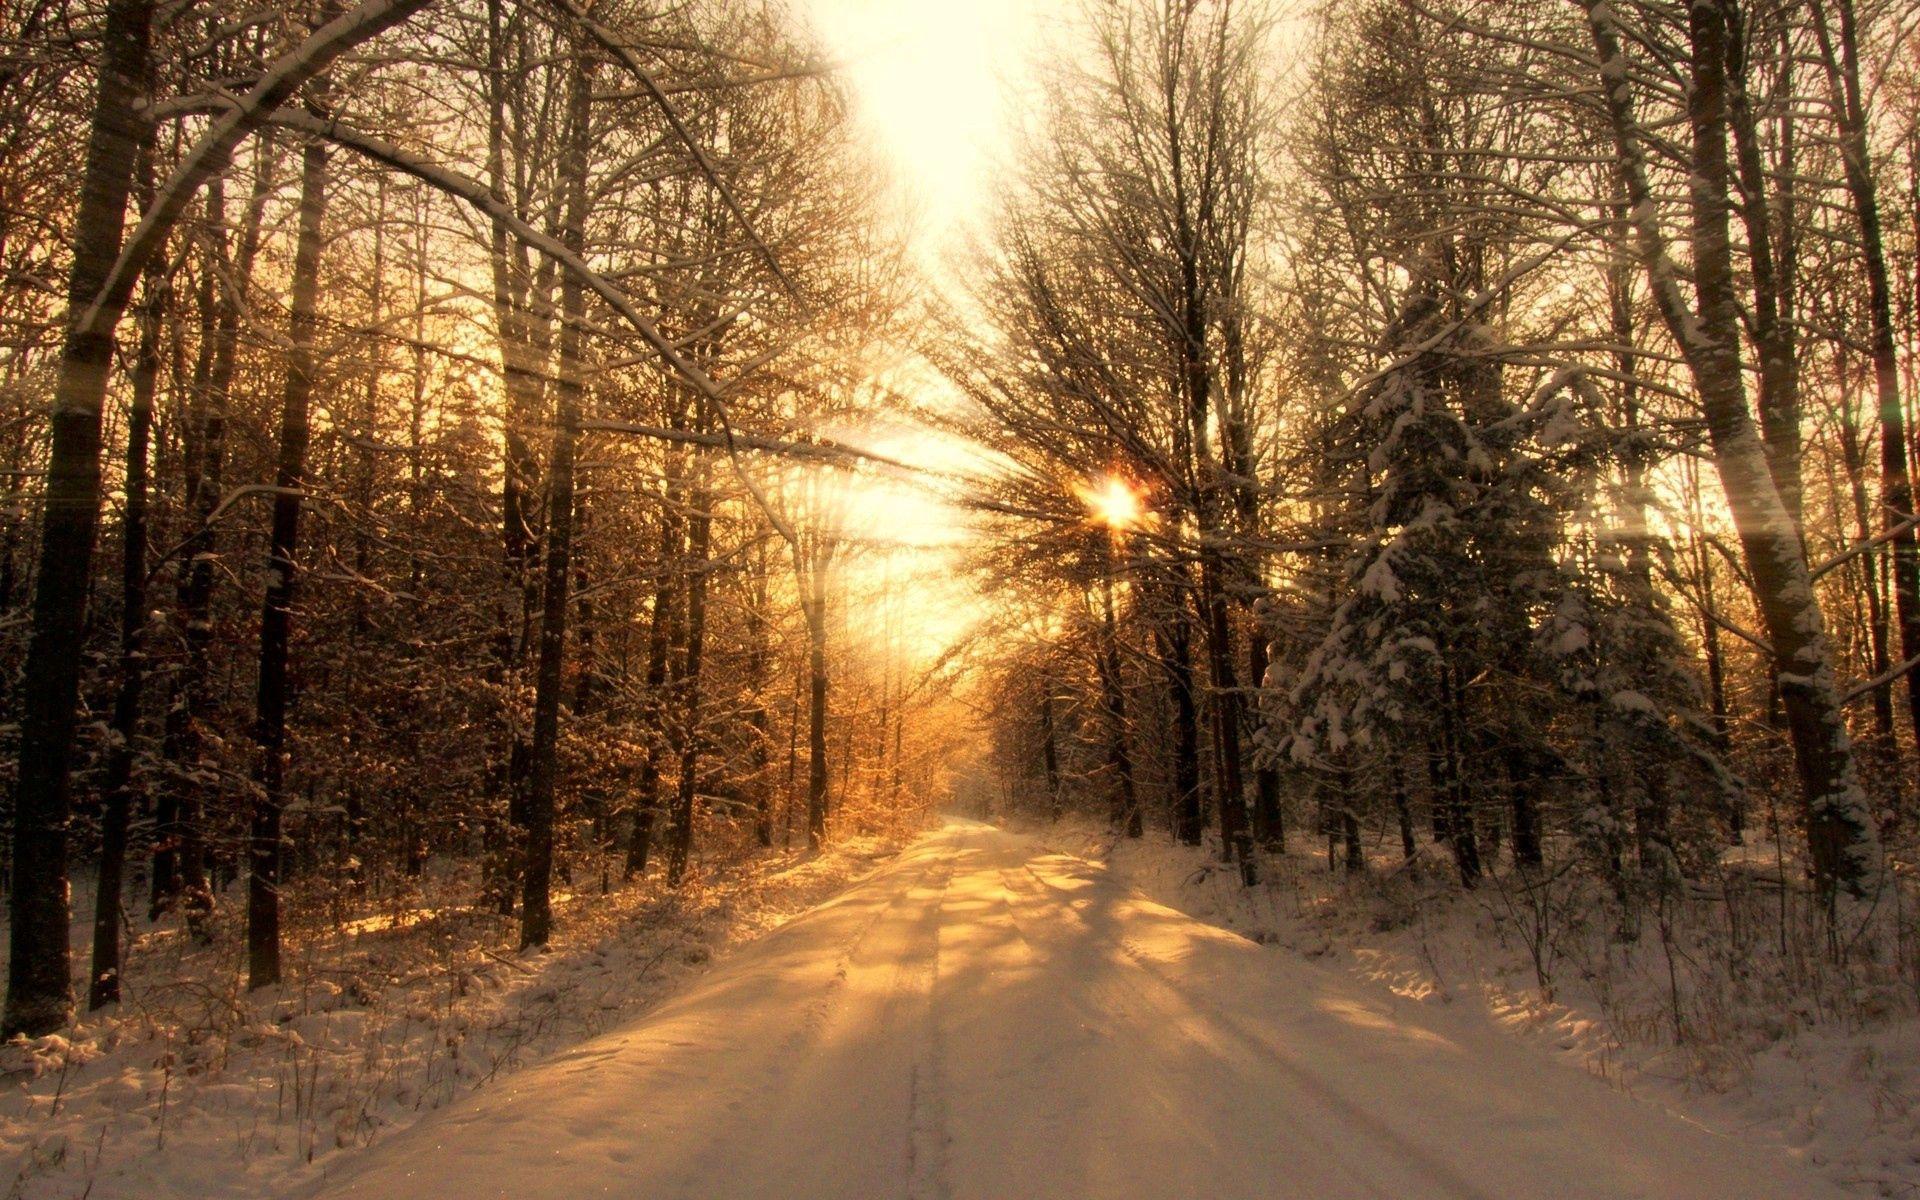 150565壁紙のダウンロード自然, 道路, 道, 森林, 森, 冬, 雪, 木, 日光, ビーム, 光線, 影-スクリーンセーバーと写真を無料で